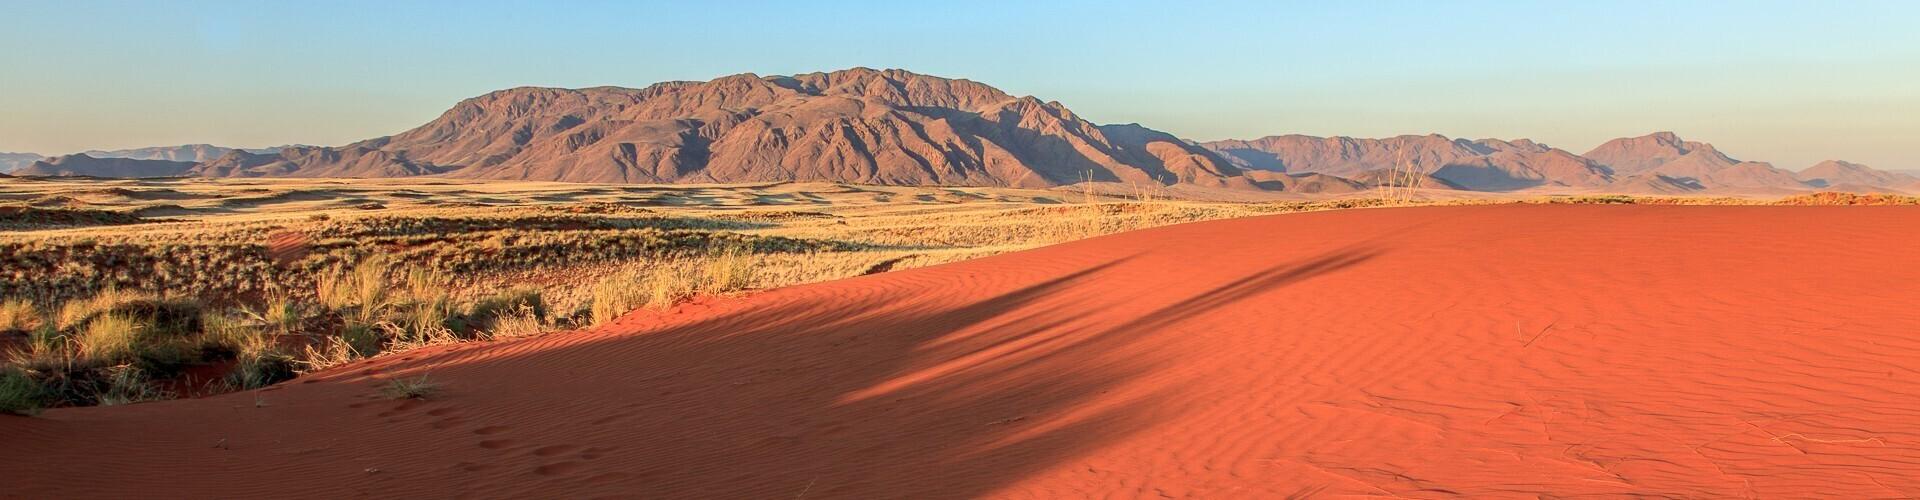 voyage photo namibie vincent frances header